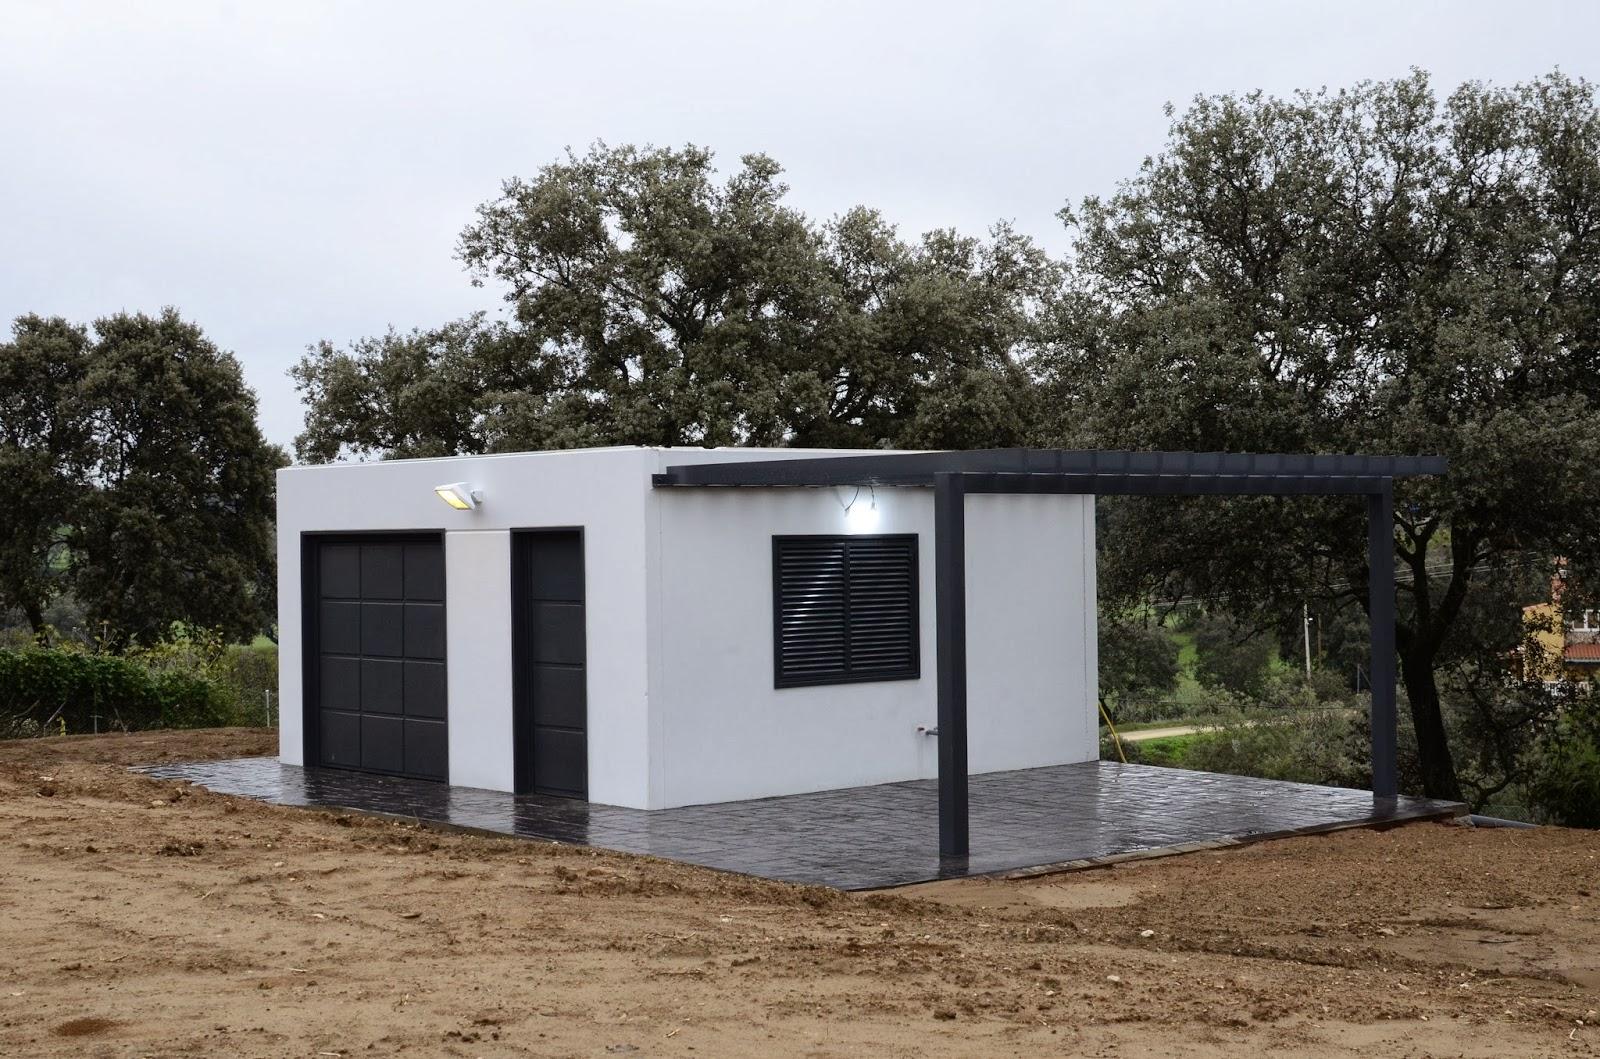 casetas de hormign en estilo moderno o bien con una construccin ms clsica segn sea la zona y los gustos del propietario